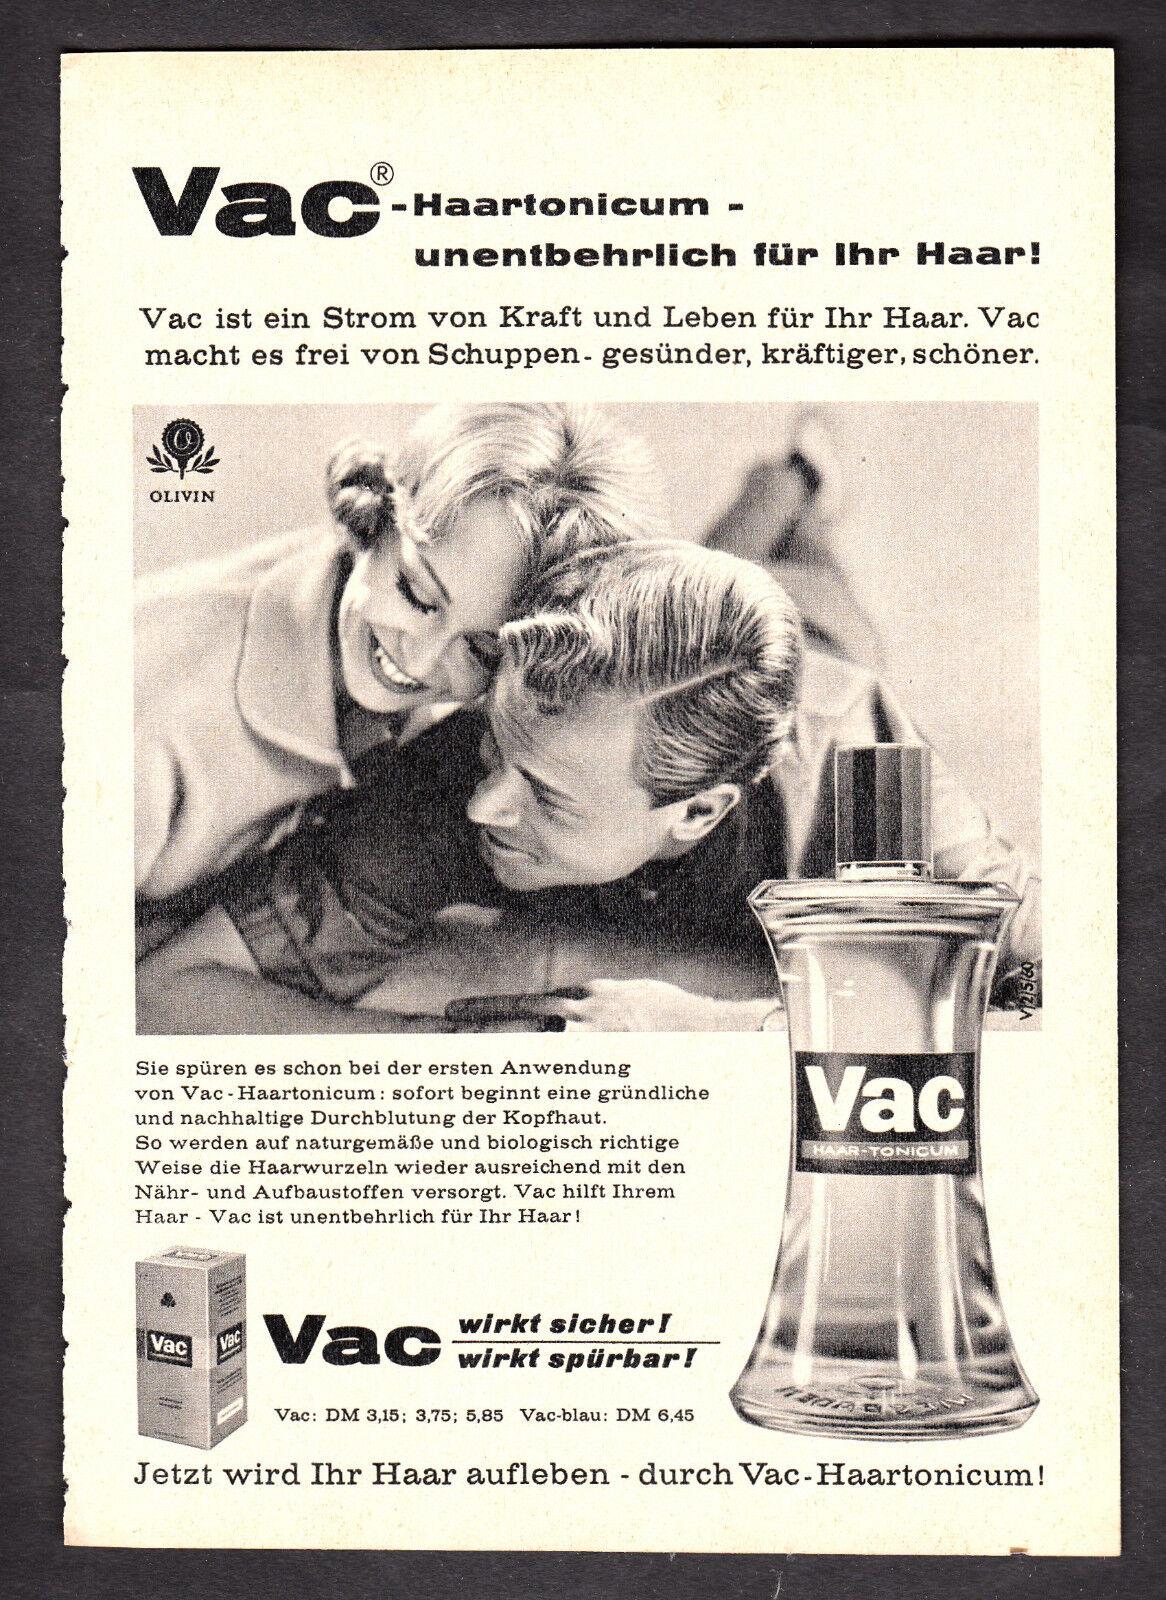 3w2286/ Alte Reklame von 1960 - VAC Haartonicum - Ihr Haar braucht es!